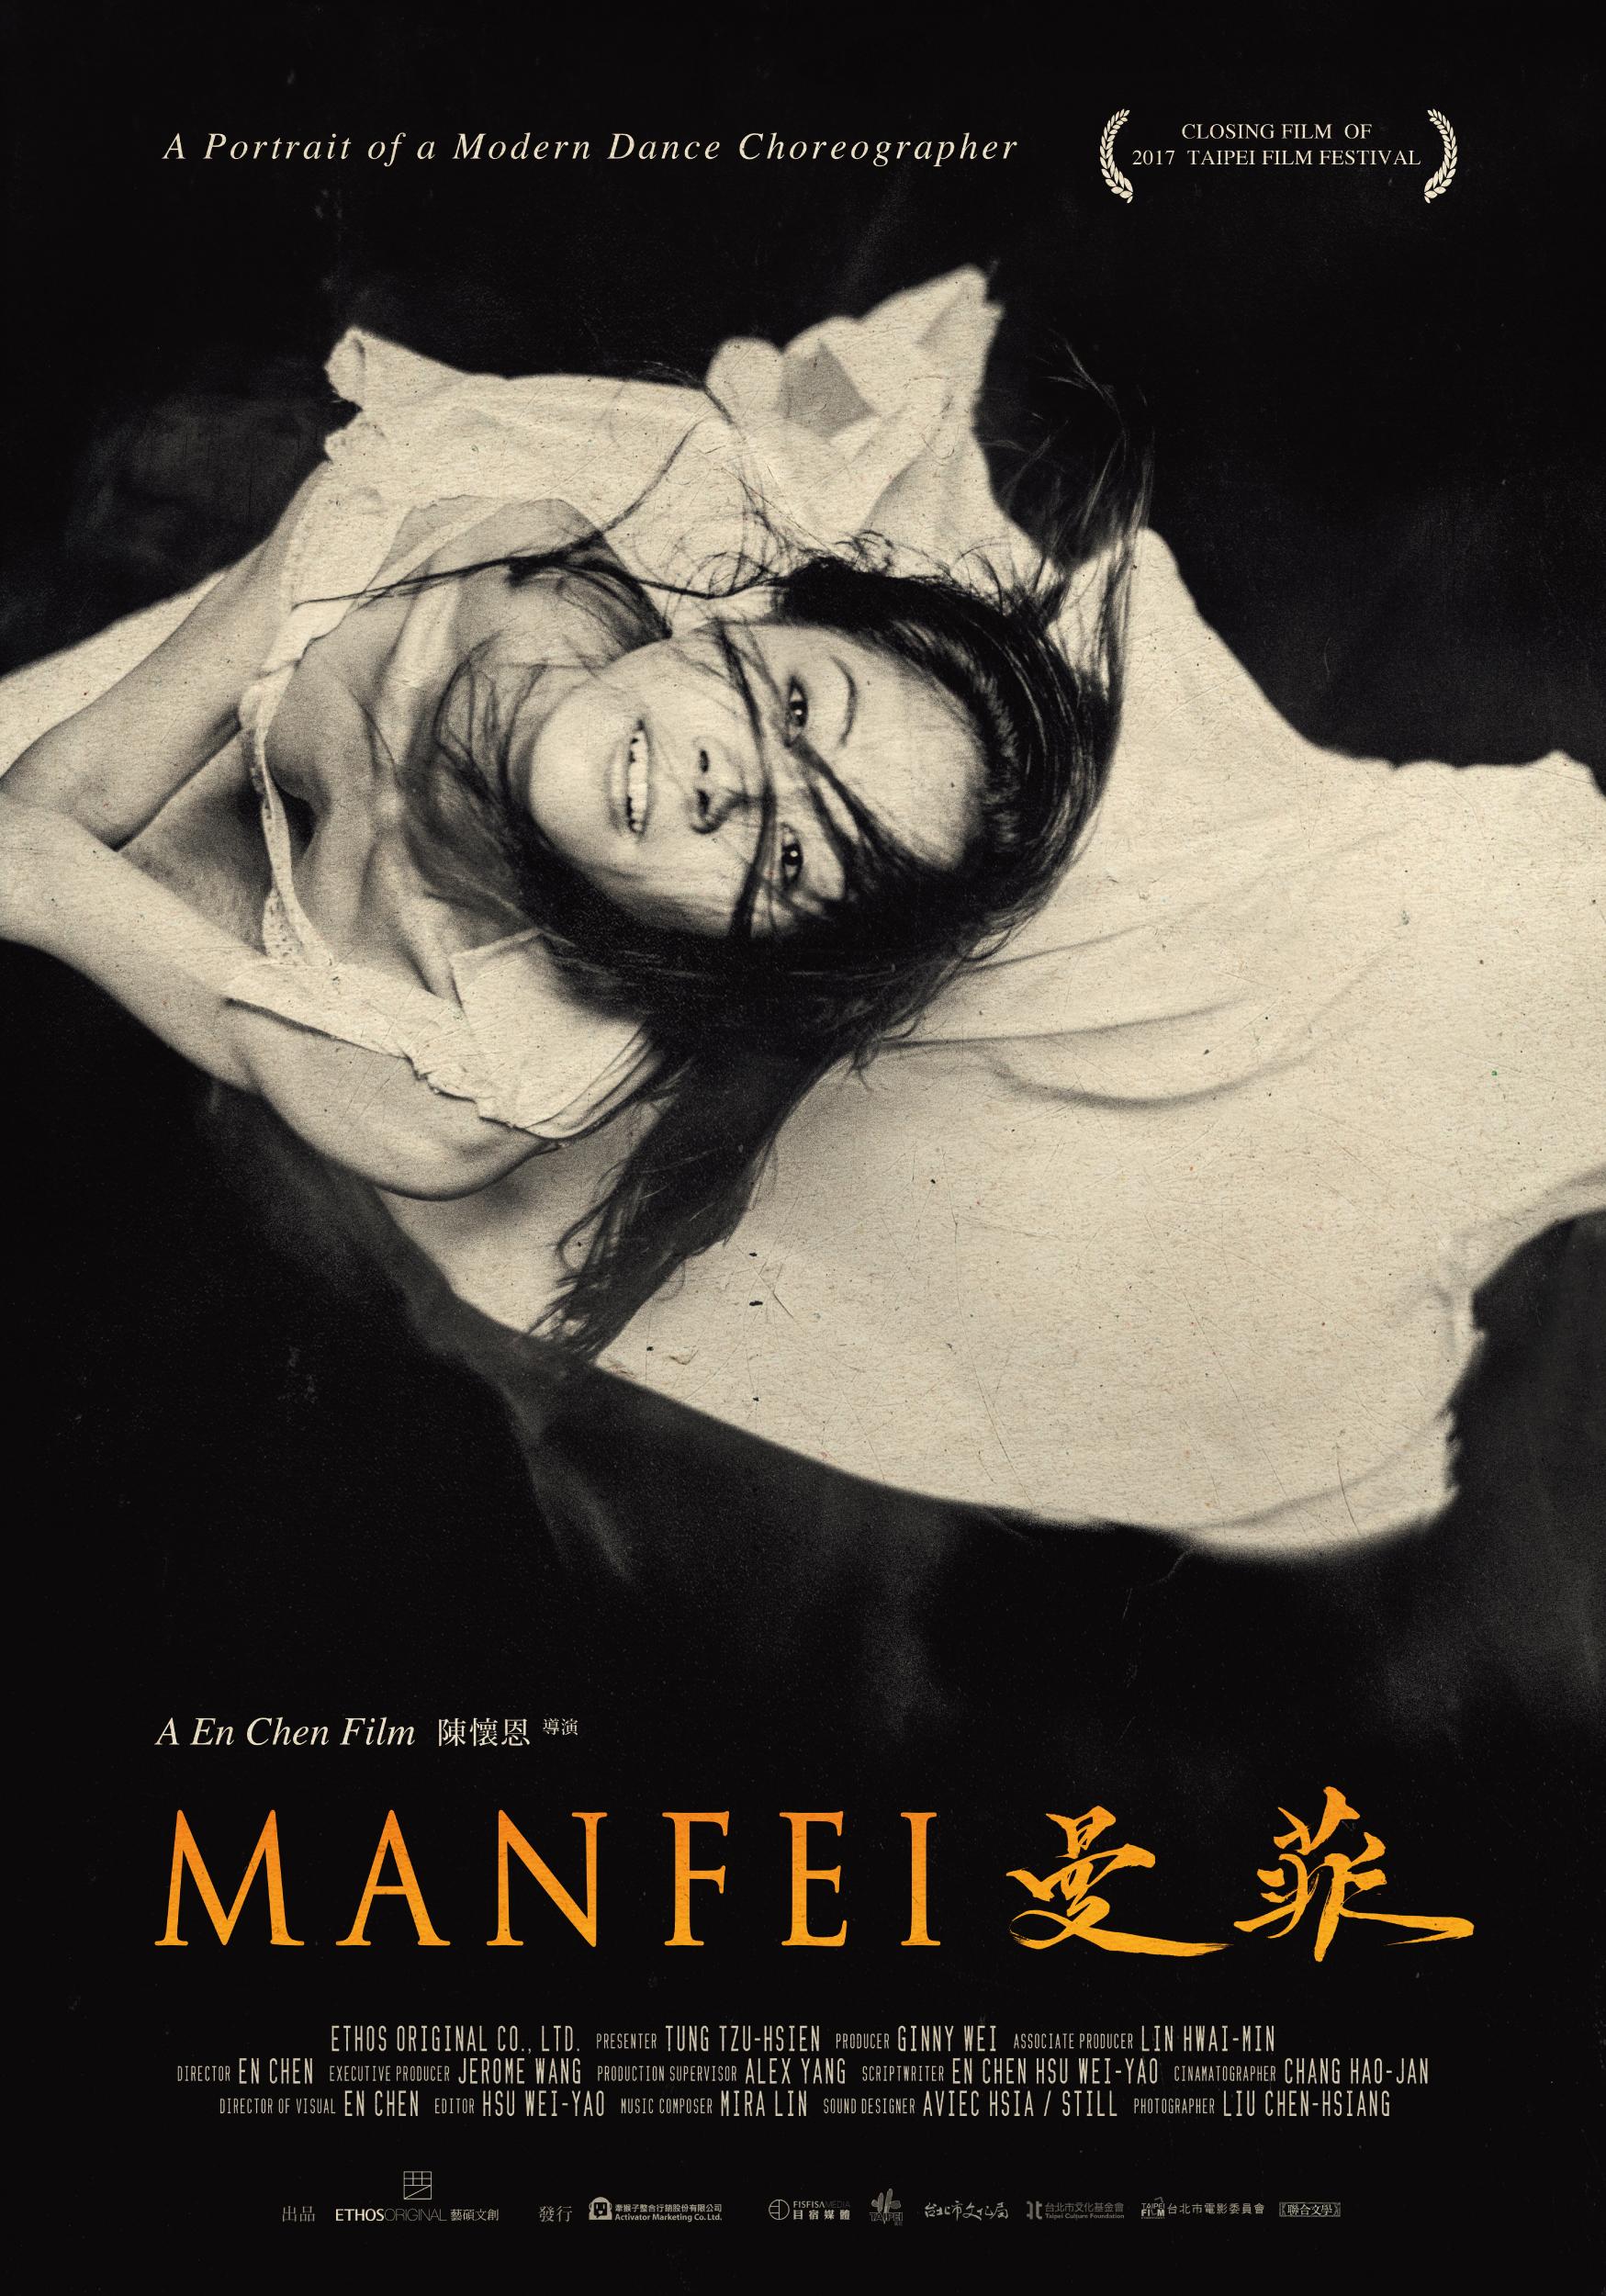 曼菲 Manfei